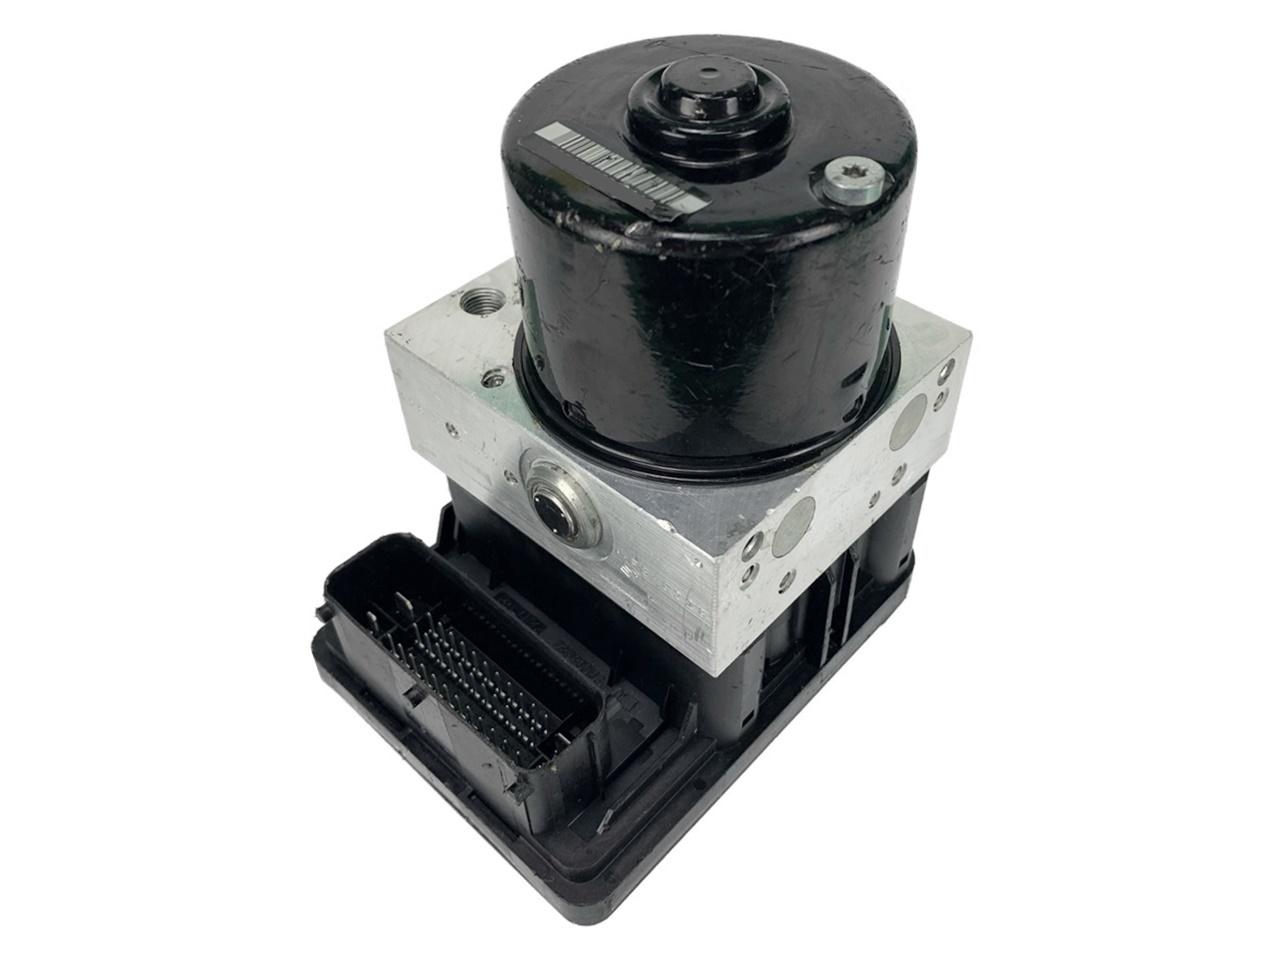 Unidade Hidraulica Bomba Modulo Central Centralina Motor de Freio Abs ATE 13356788 10096045223 10020604294 28560070023 Gm Cruze 012 013 014